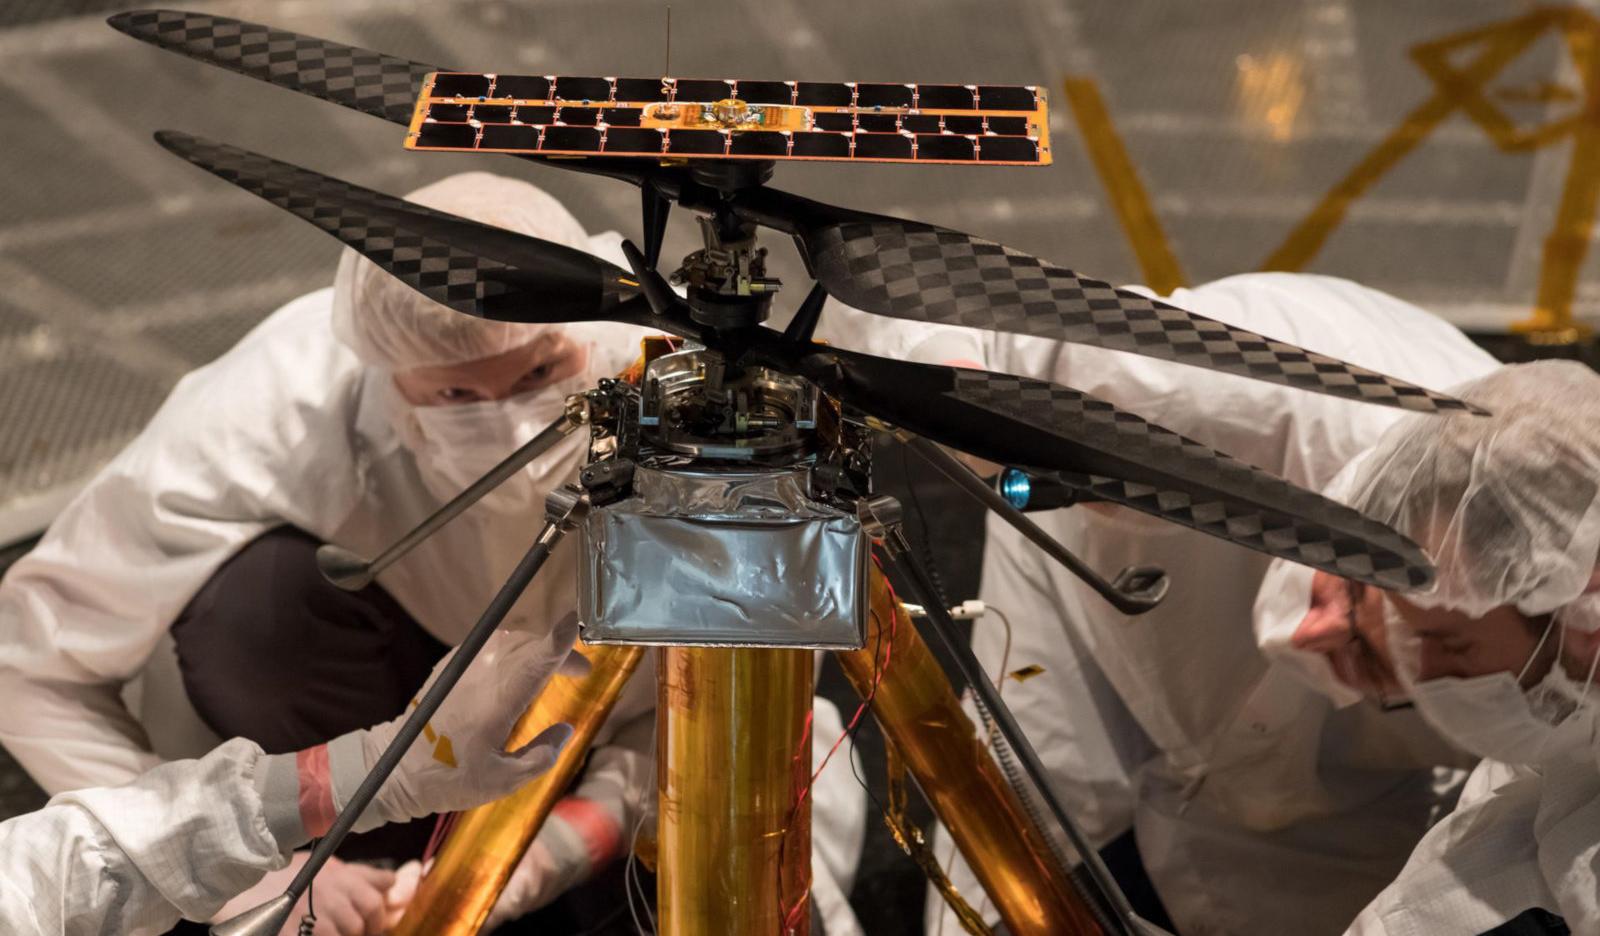 В NASA разработан вертолет для полетов в разреженной атмосфере Марса